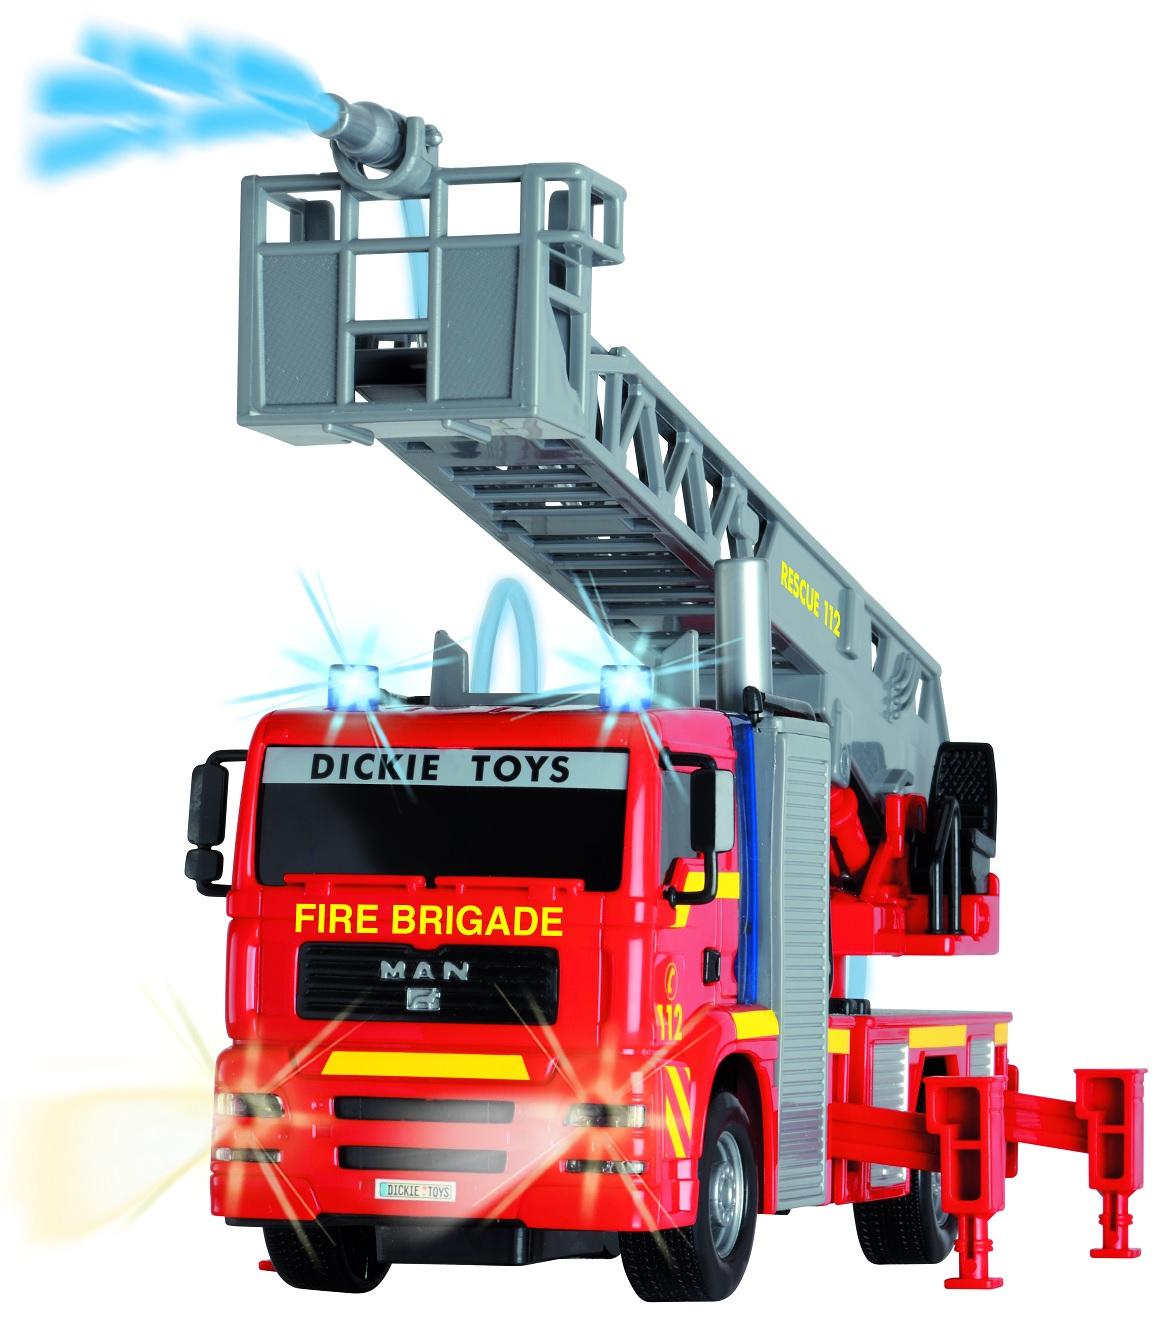 City Fire Engine пожарная машина, свет + звук, брызгает водой, 25 см.Пожарная техника, машины<br>City Fire Engine пожарная машина, свет + звук, брызгает водой, 25 см.<br>